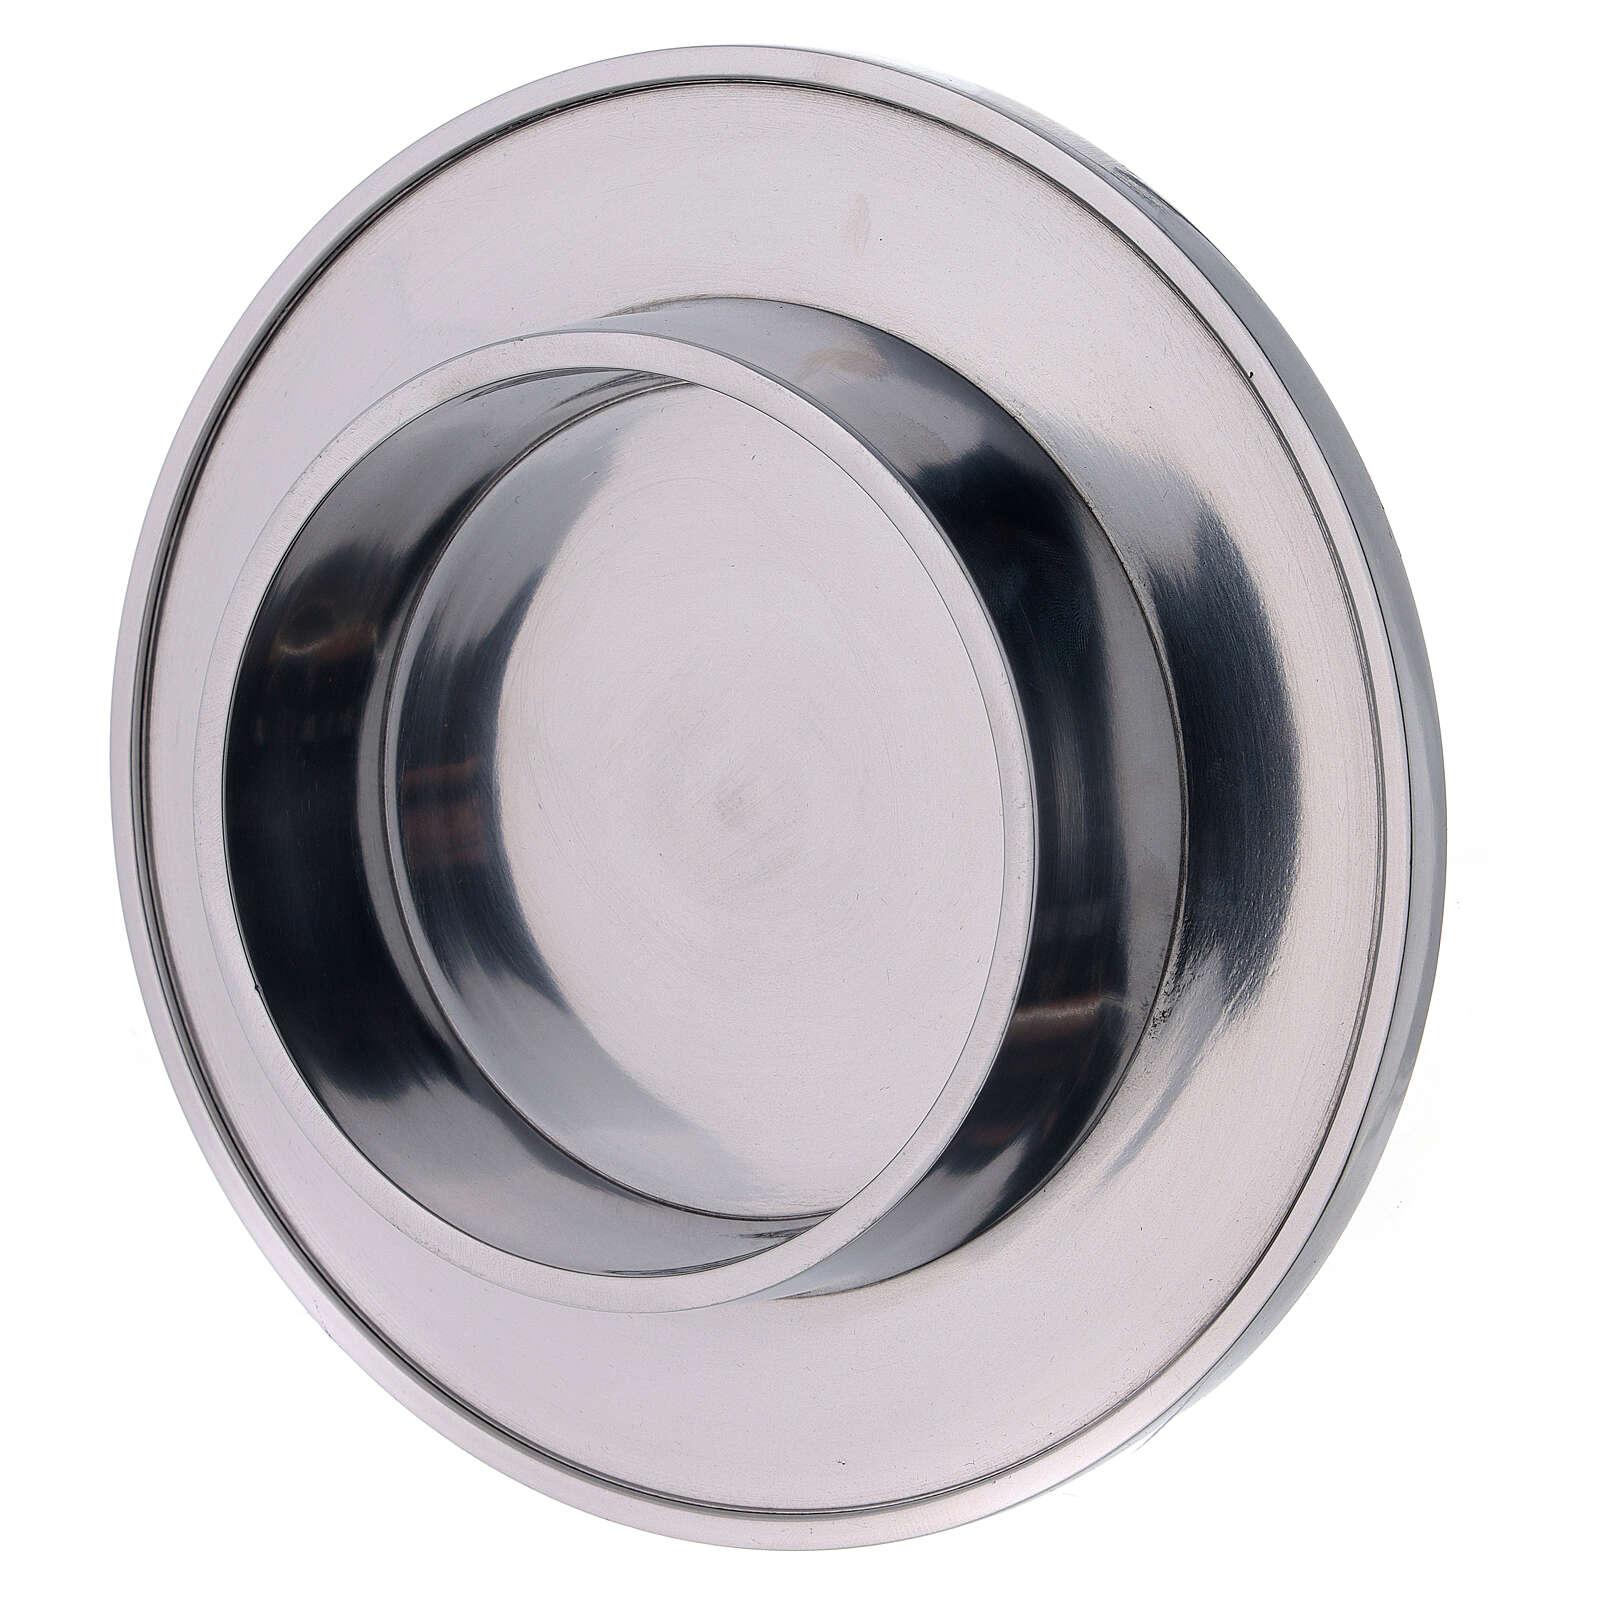 Portavela aluminio lúcido diámetro 10 cm redondo 4